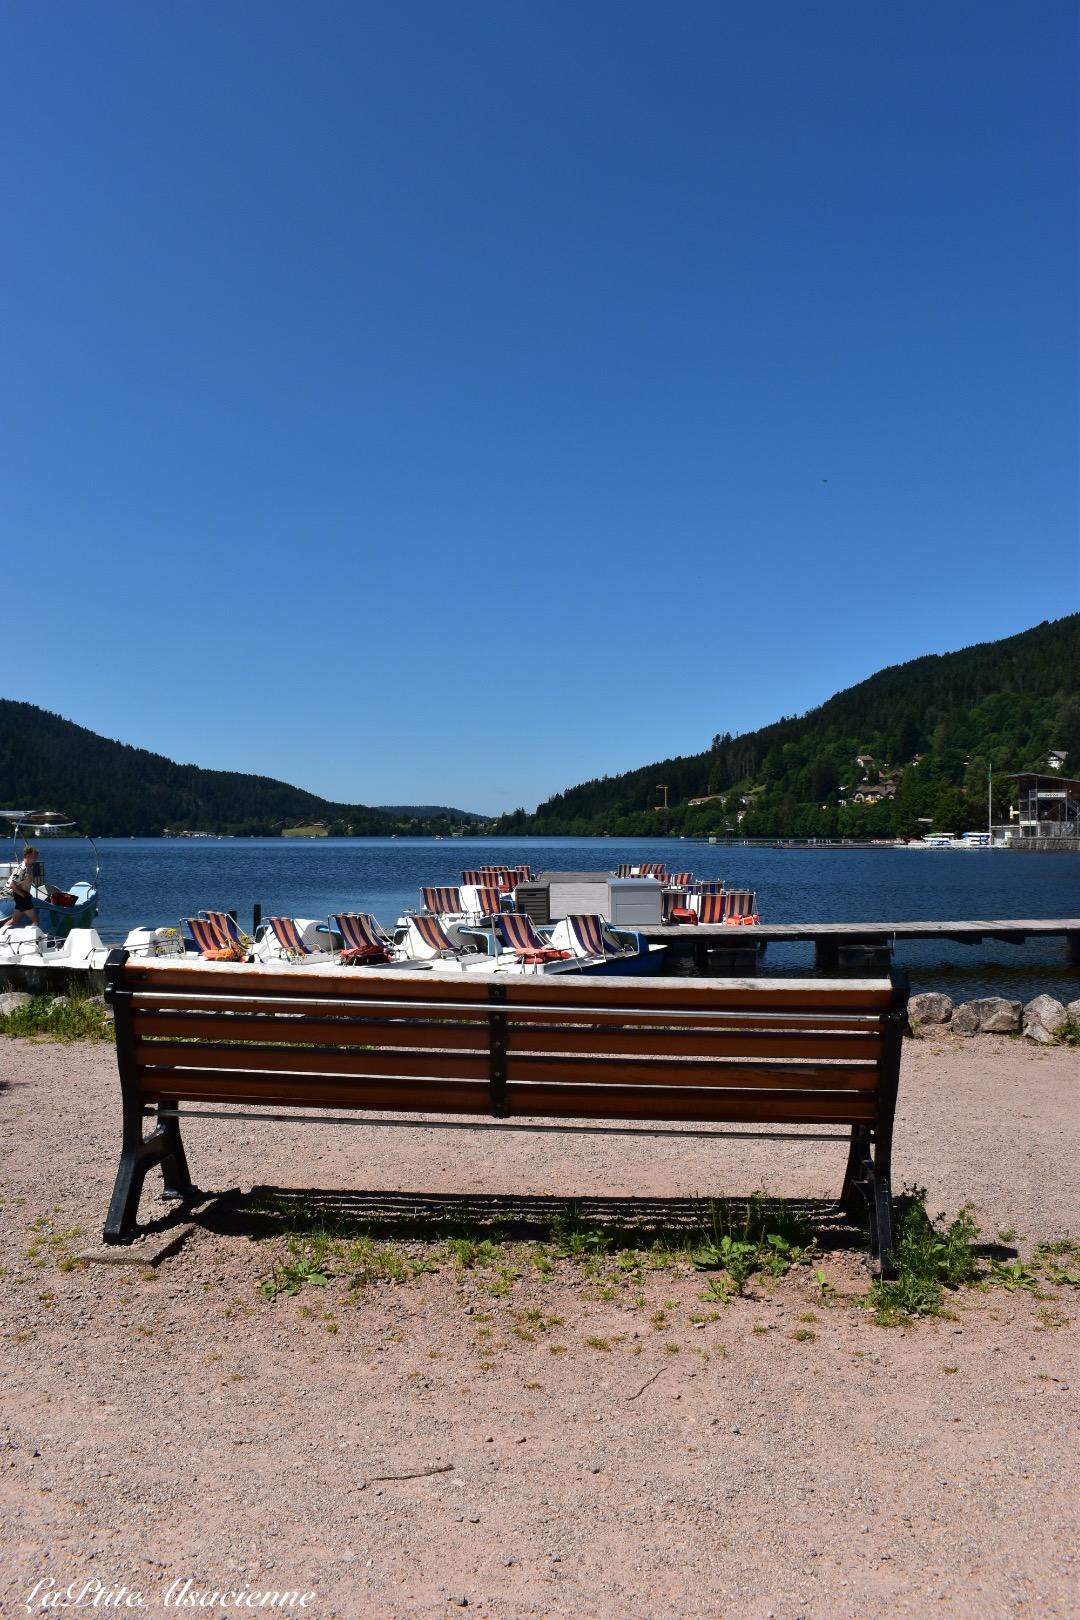 Vue depuis un banc sur le lac de Gérardmer - Photo de Cendrine Miesch dite LaPtiteAlsacienne